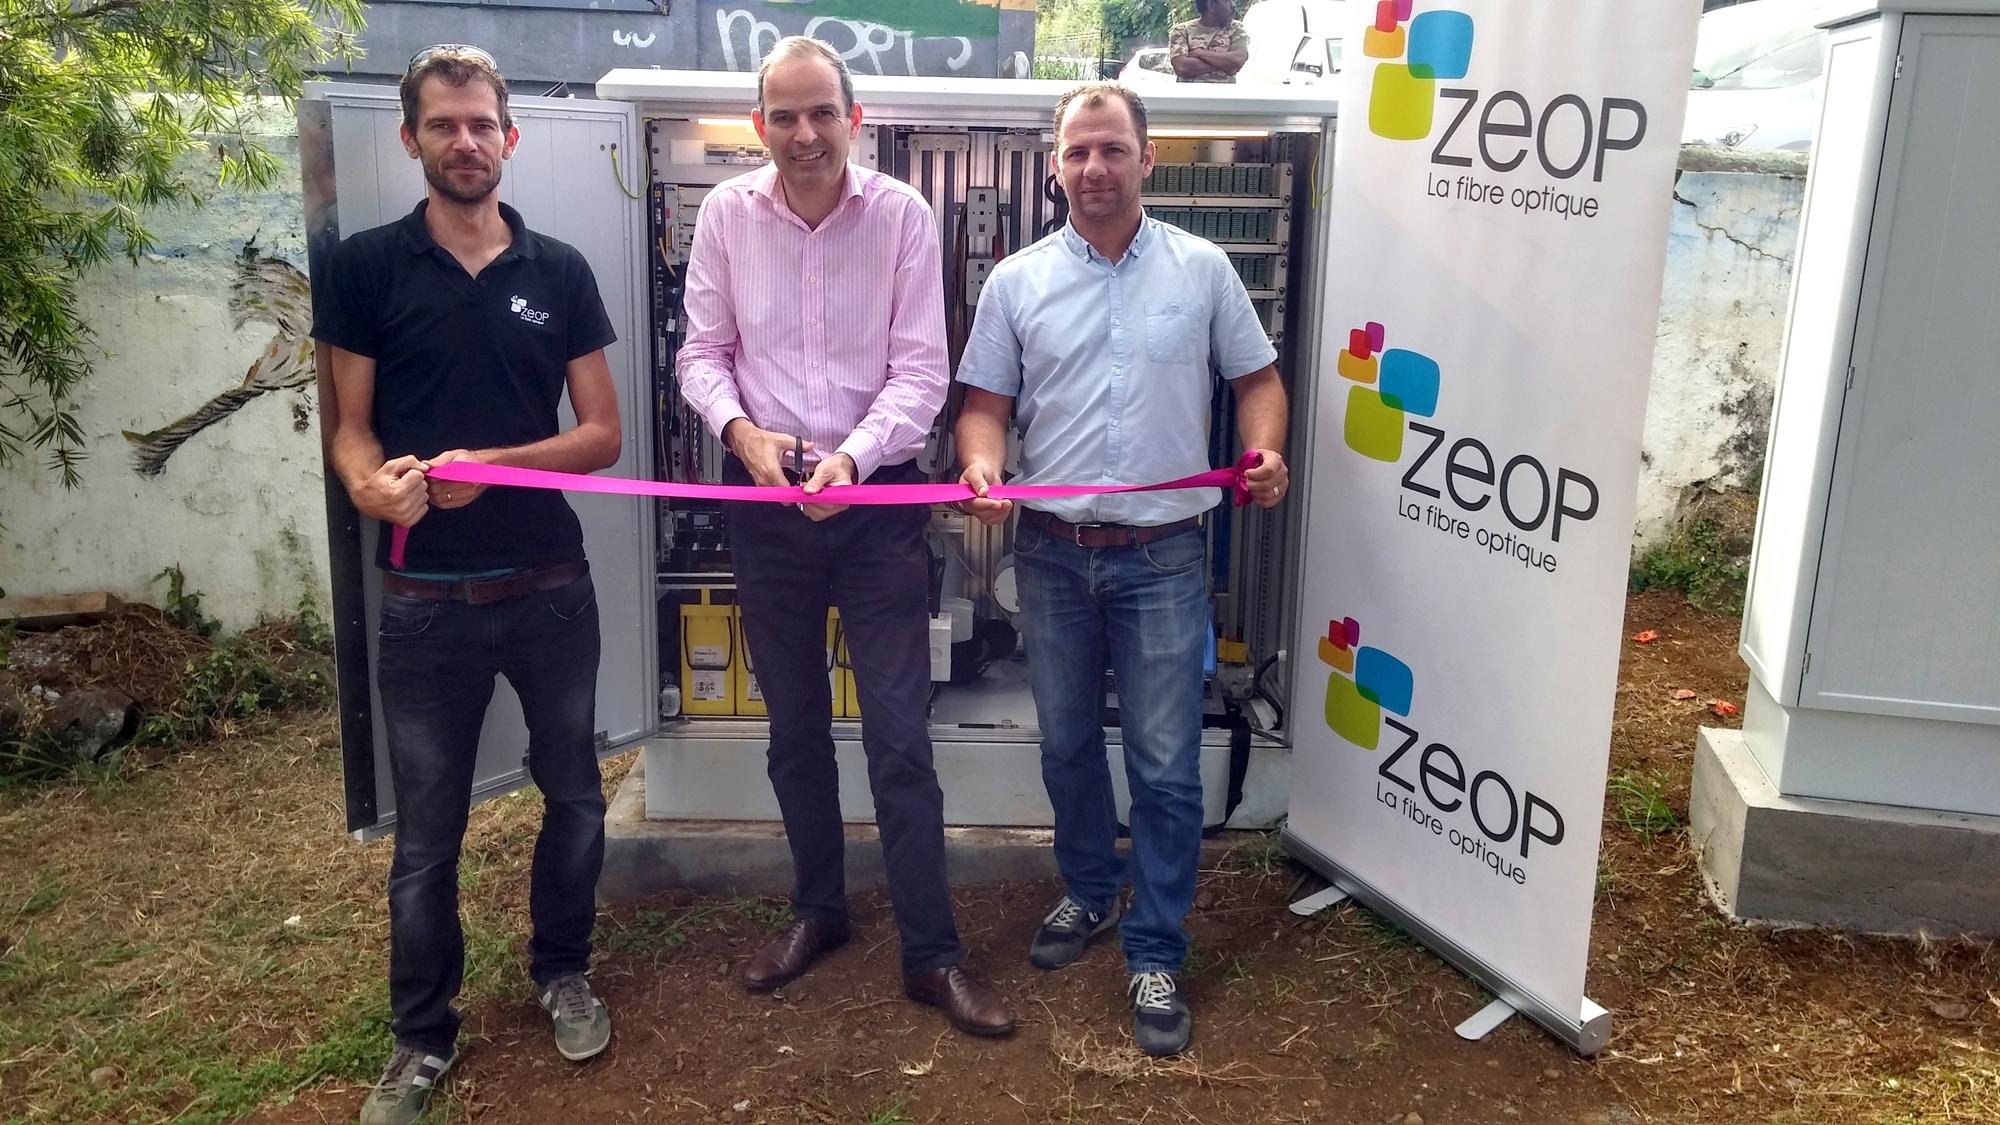 ZEOP: Fleurimont et les hauts de St Gilles passent à la fibre optique